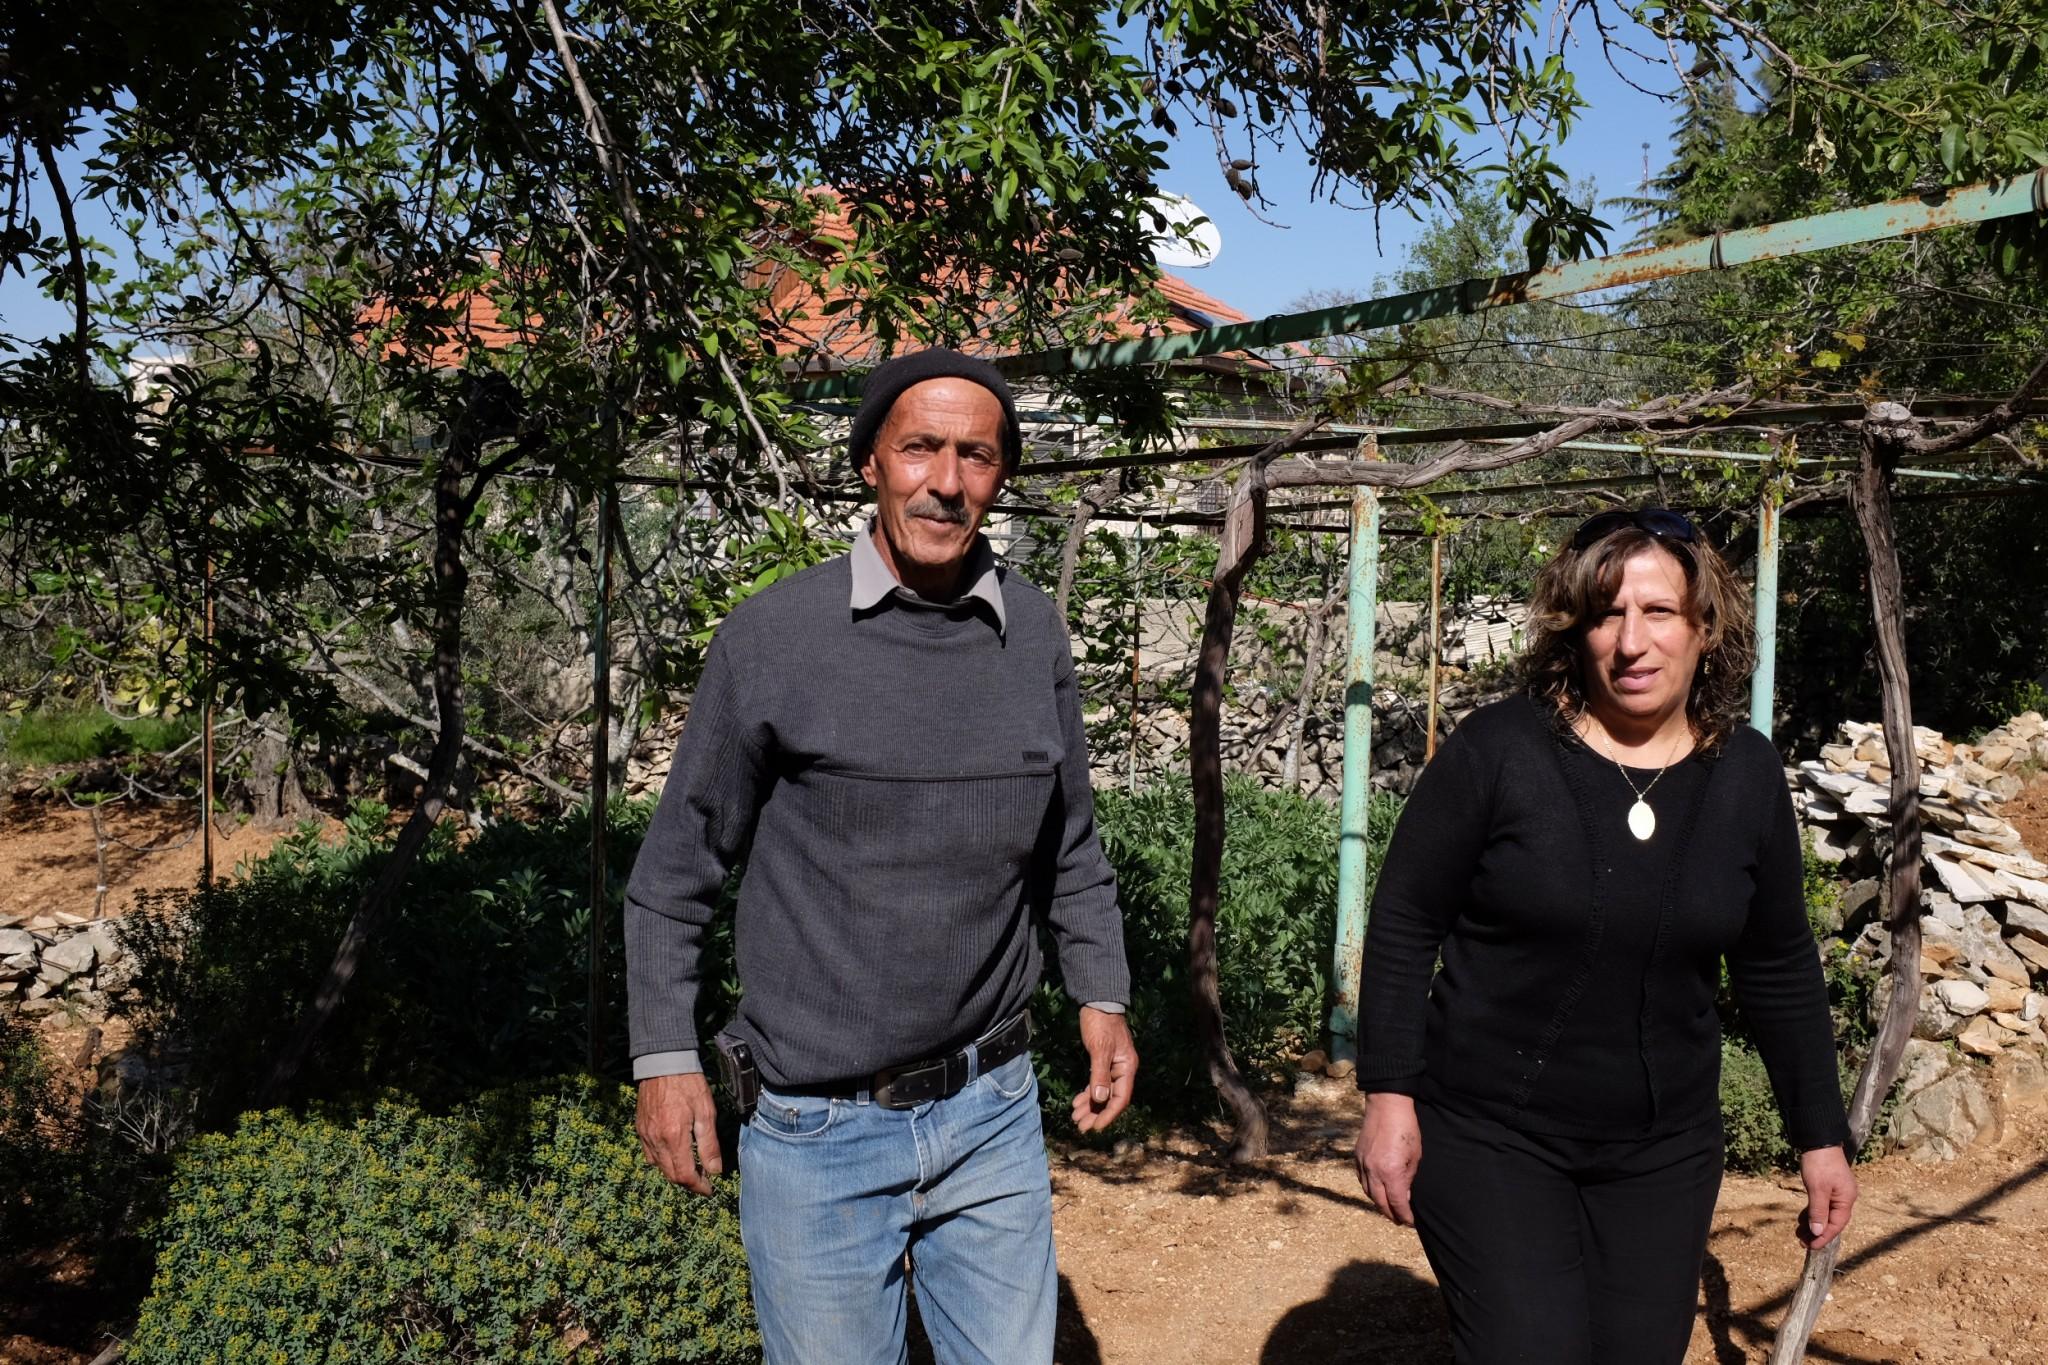 קתרין ואיברהים סראס, הוריה של נסרין, בגינת ביתם בבית ג'אלה. צילום: אלכס ליבק